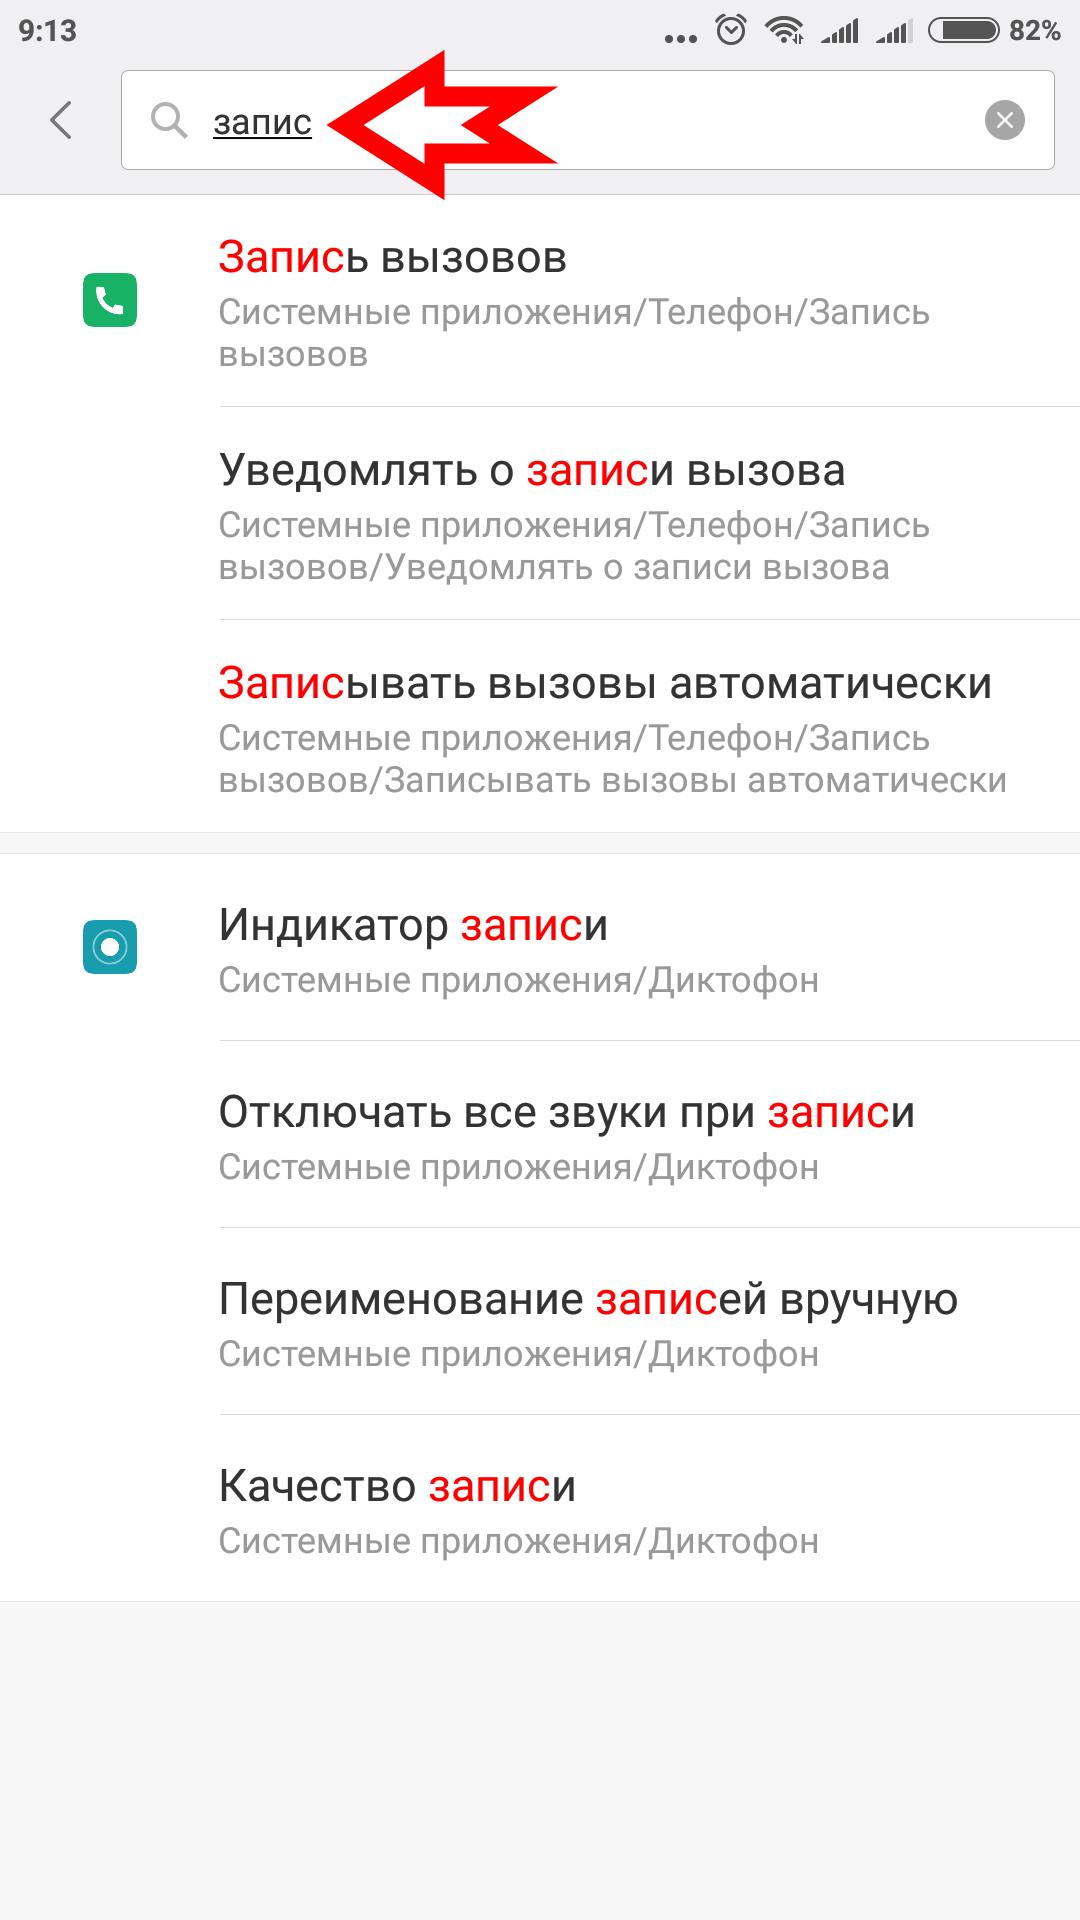 Поиск настроек по ключевому слову в смартфоне Xiaomi Redmi 4 Pro